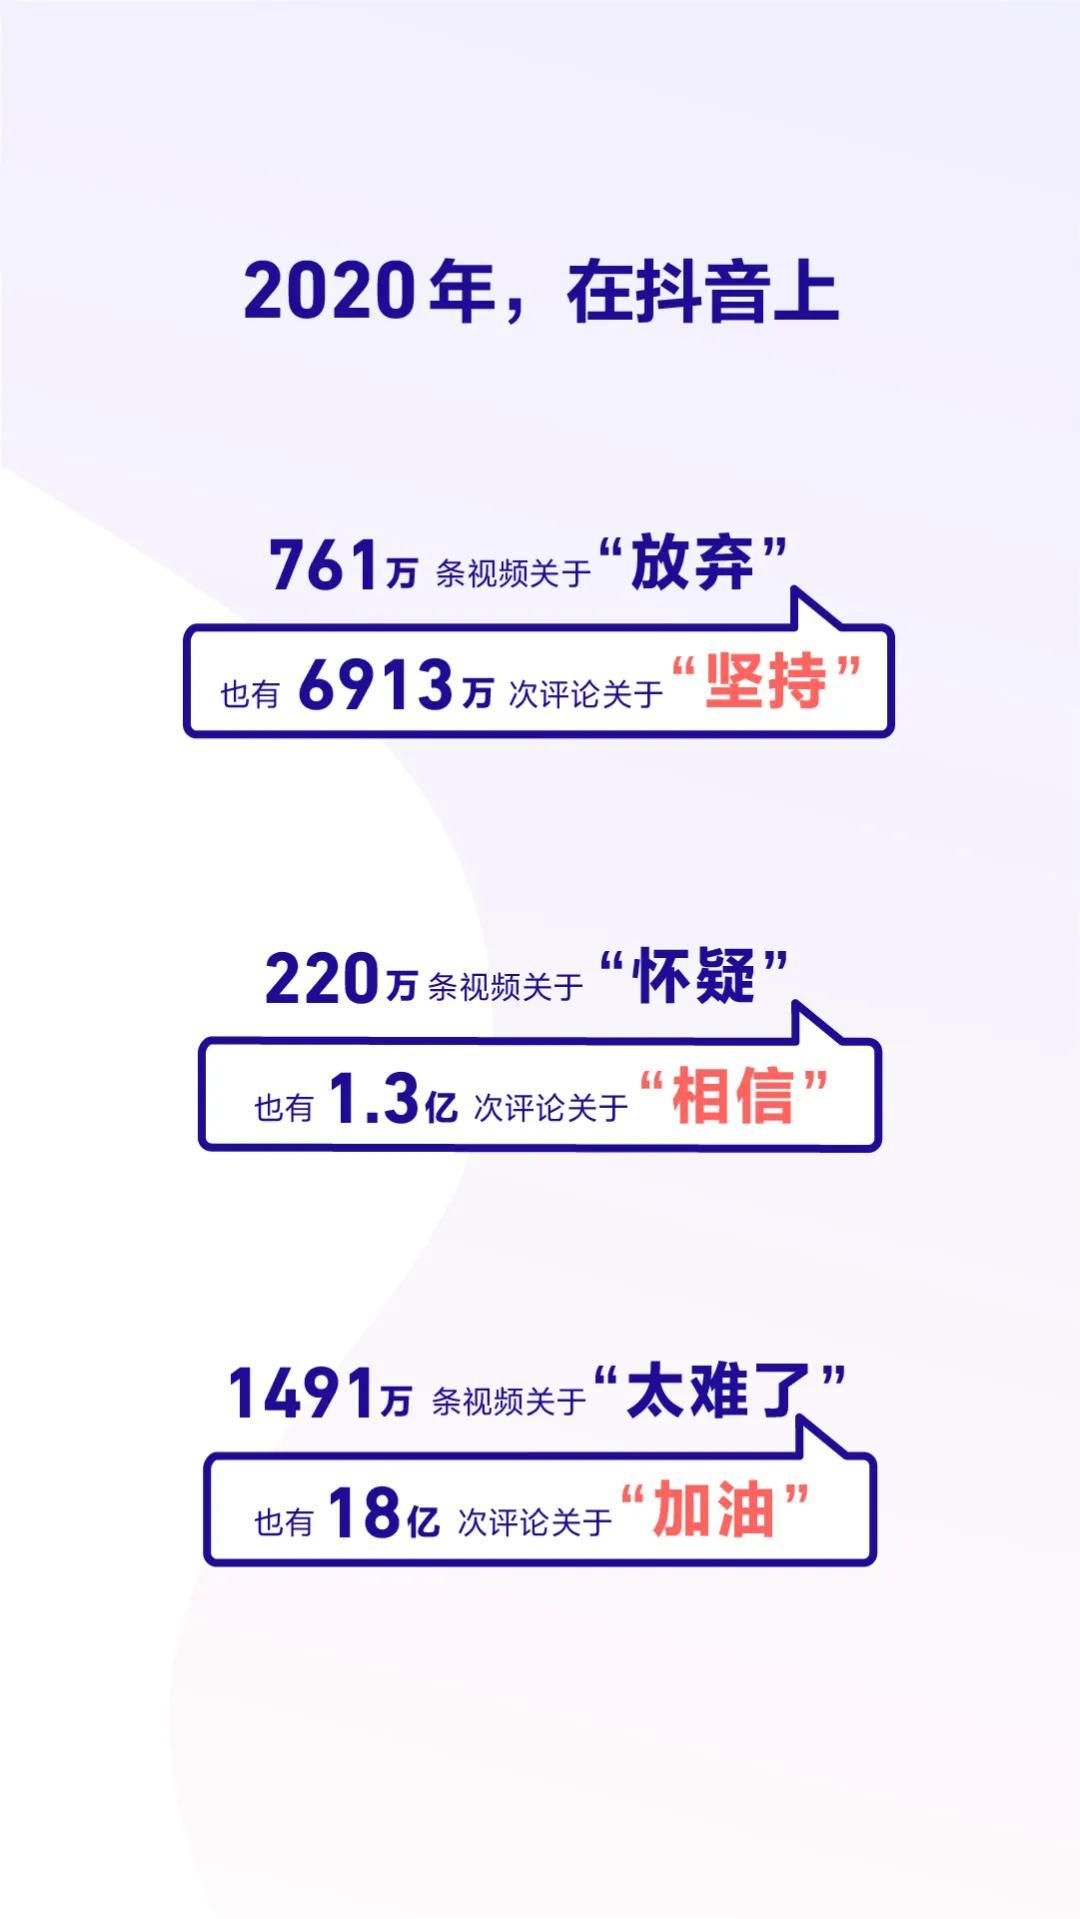 抖音发布2020数据报告 成都获赞量全国第三